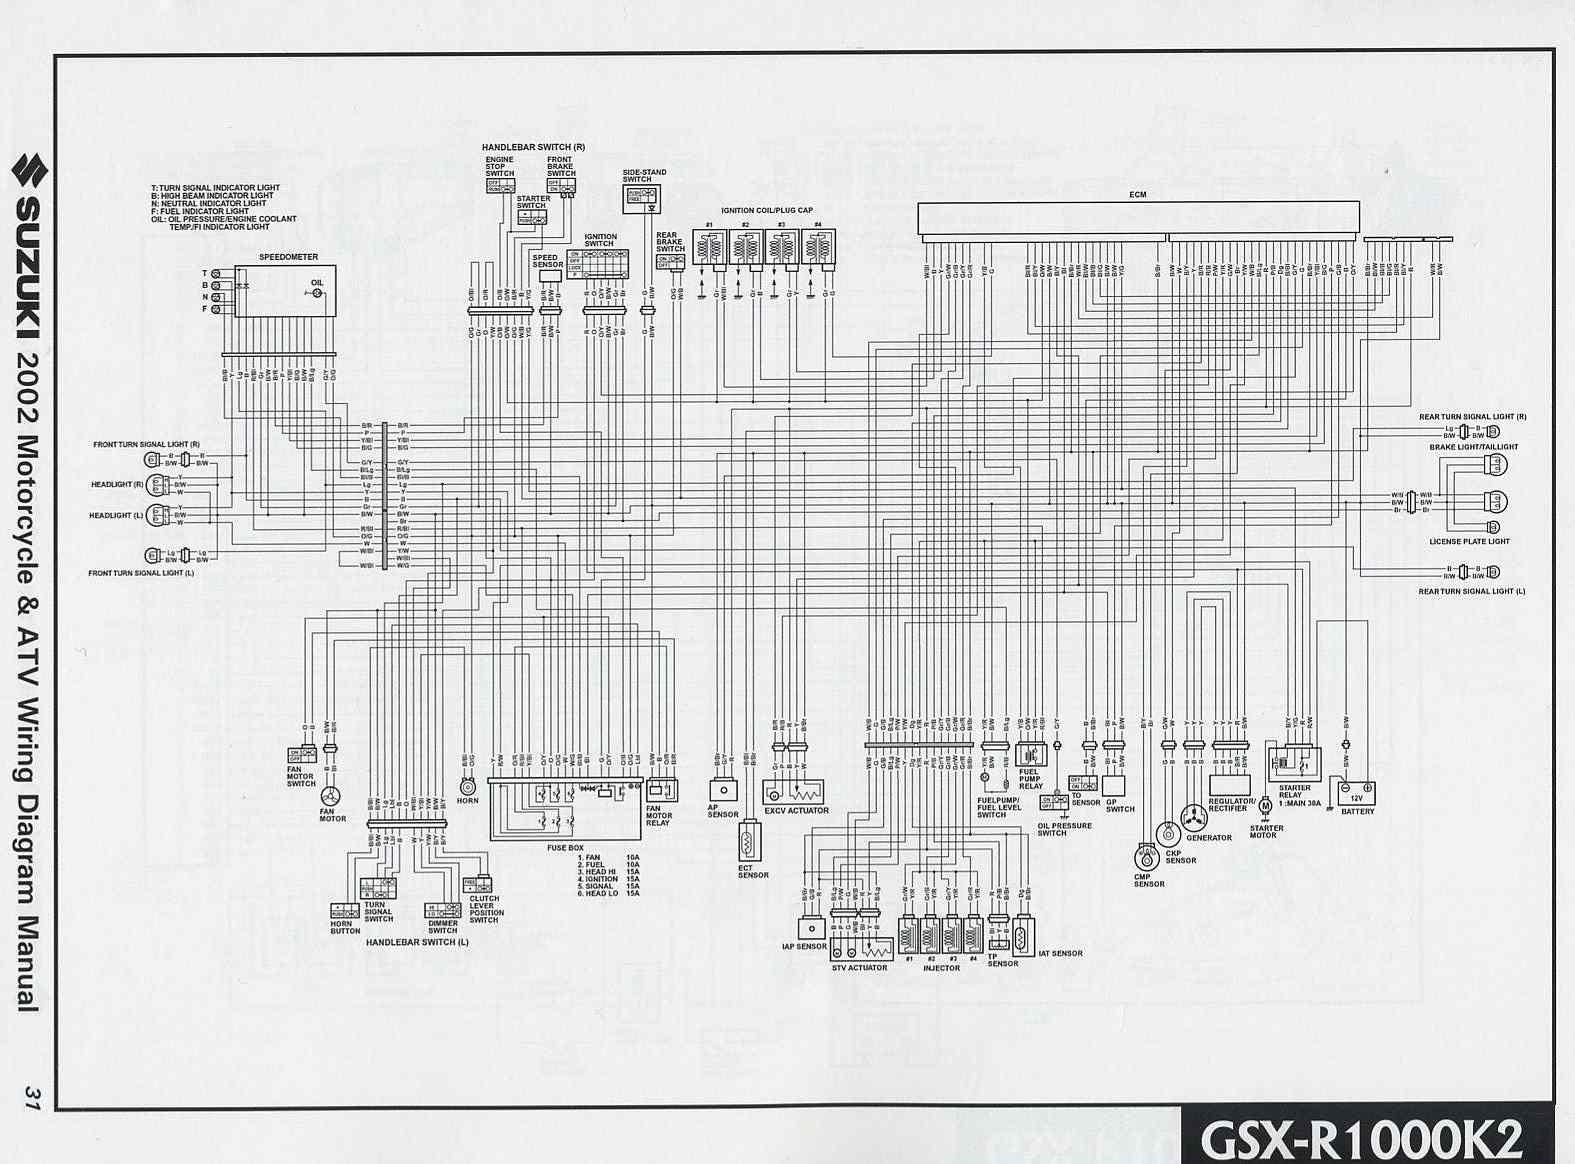 2002 yamaha r6 wiring diagram 29 wiring diagram images